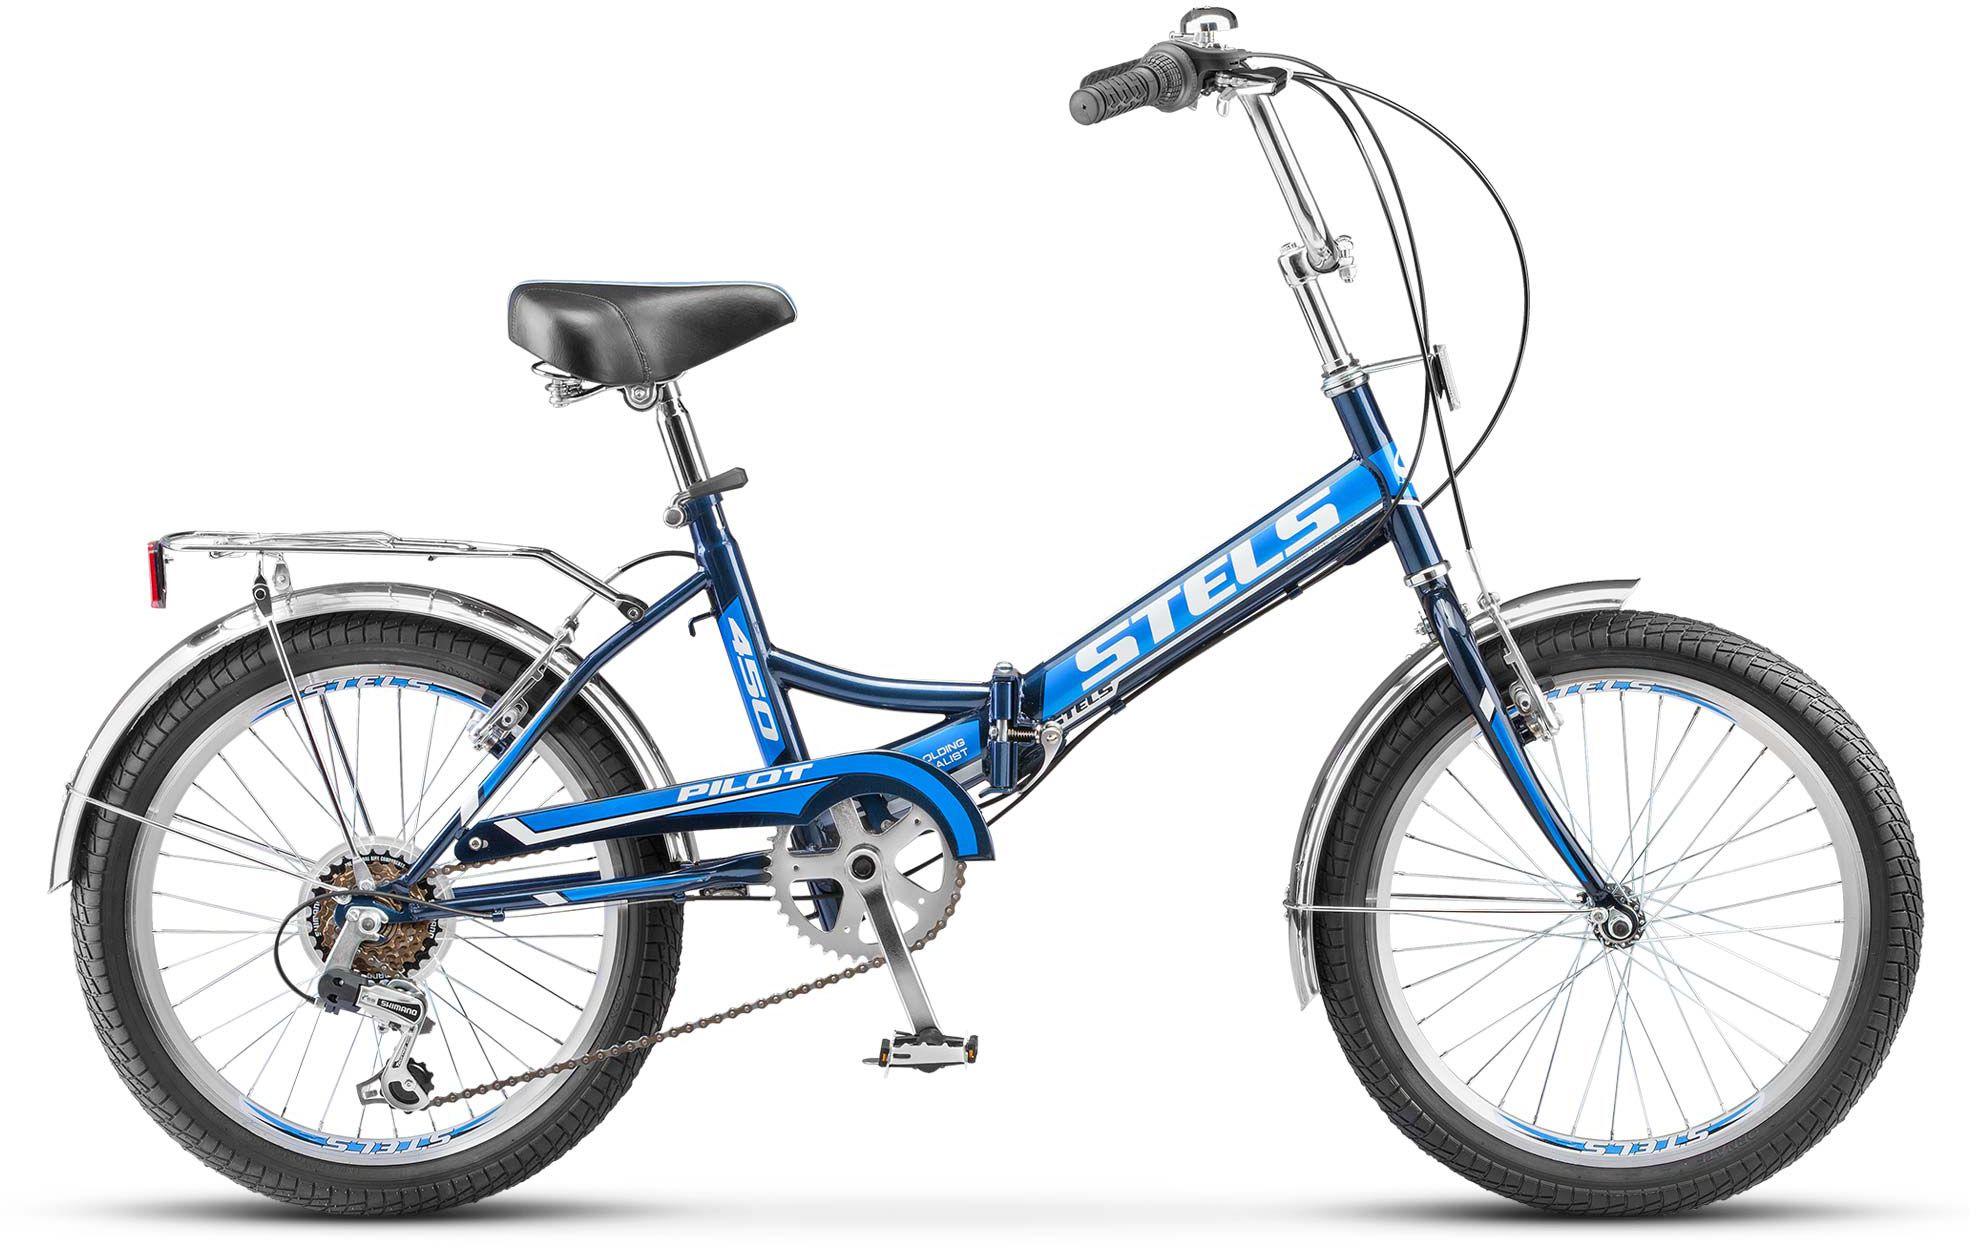 Велосипед Stels Pilot 450 20 (Z011) 2018 велосипед stels pilot 450 13 5 2017 black green